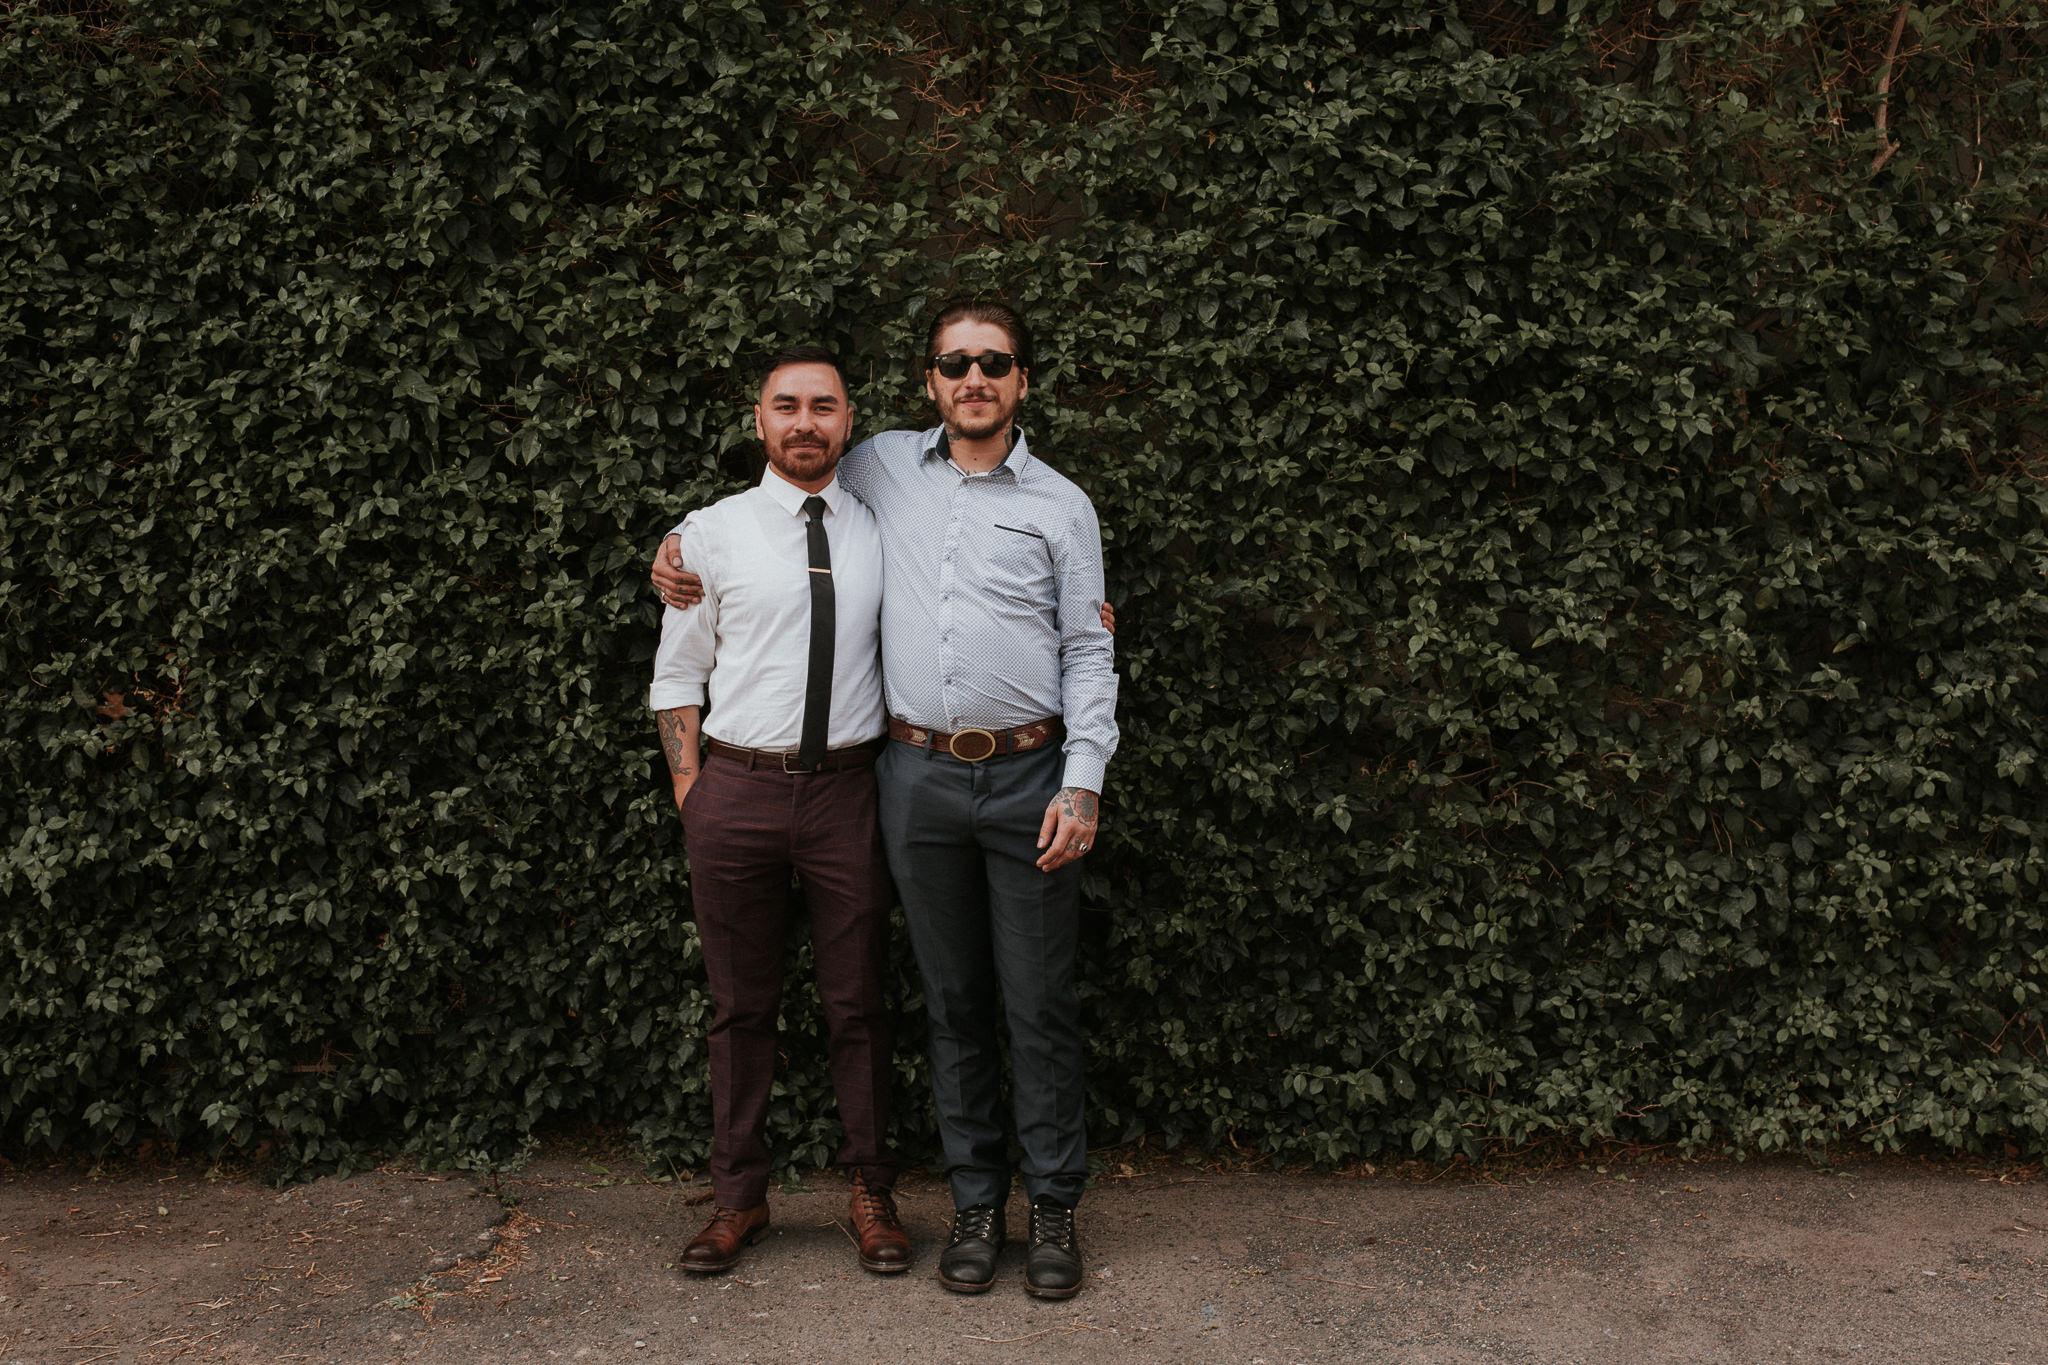 rolan john photo. Jake + Toni SM-10.jpg